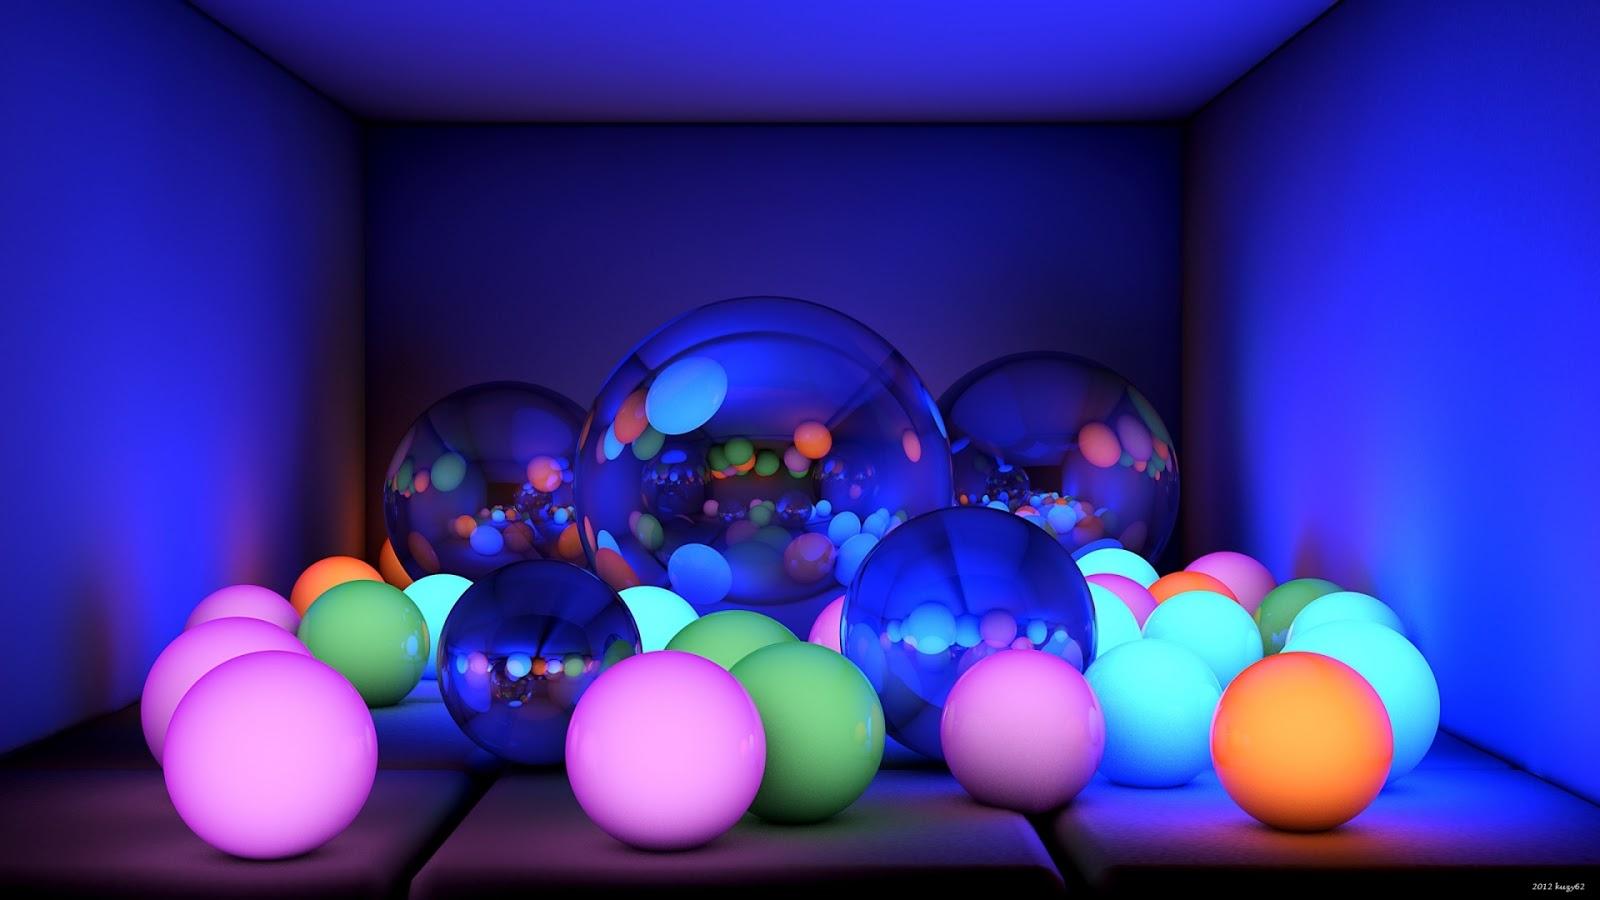 ويندوز7 اجمل خلفيات ثلاثية الابعاد للكمبيوتر 3d